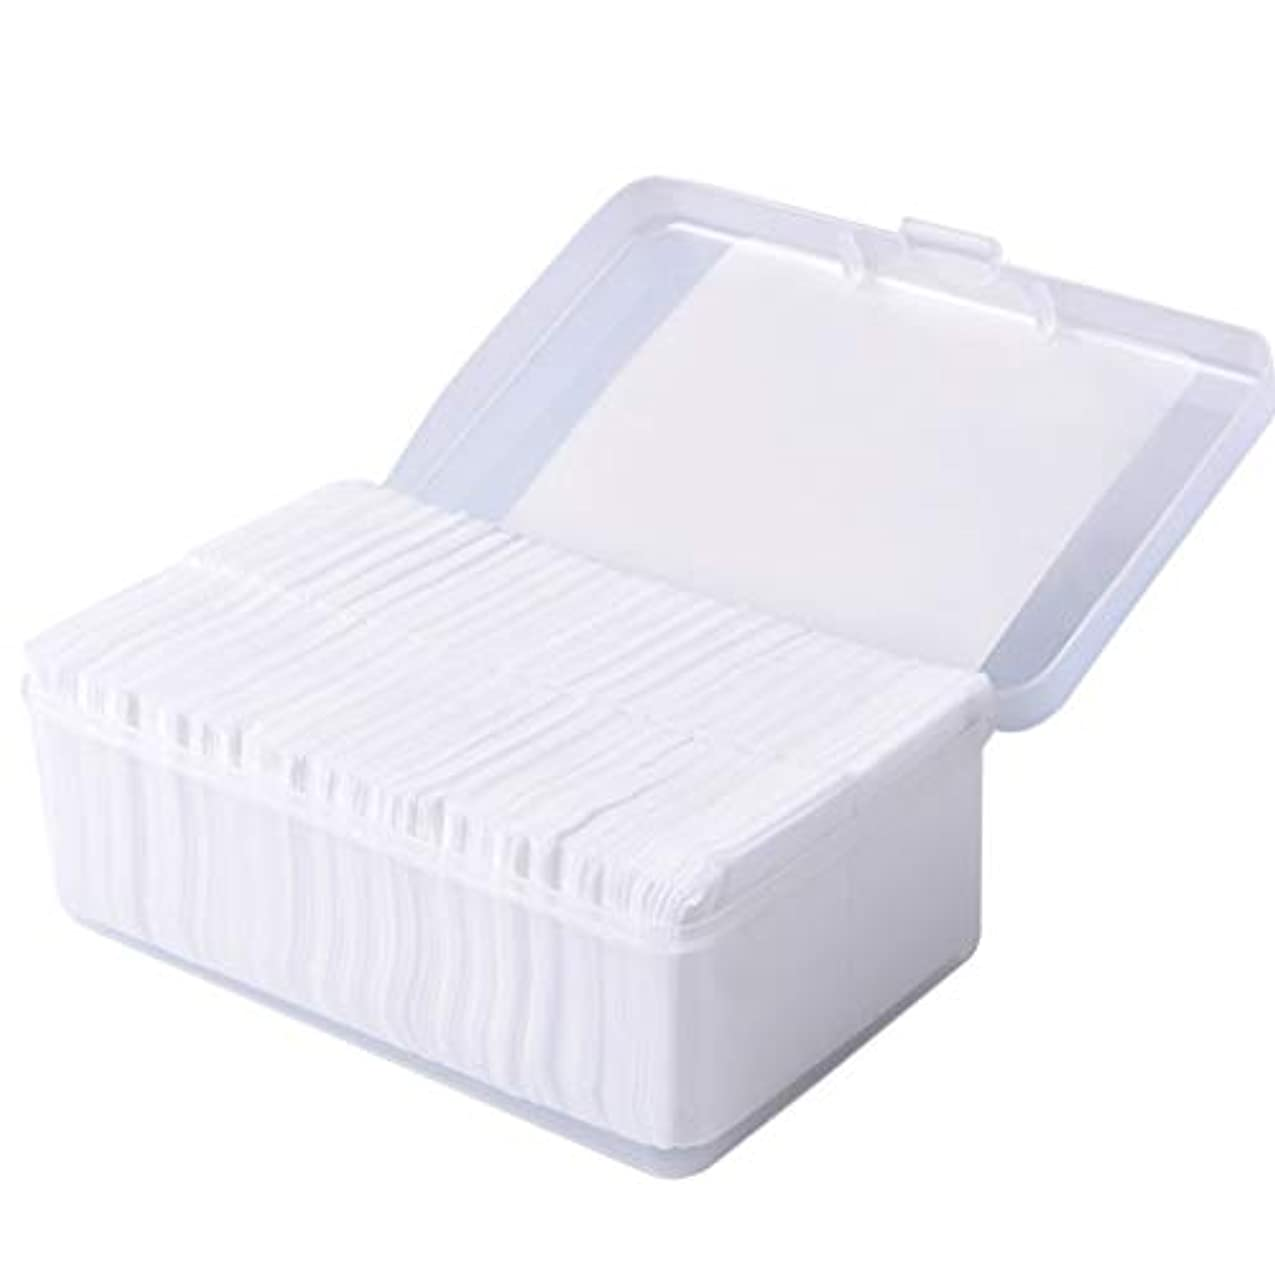 将来の量でおんどりクレンジングシート 1000ピースコットンパッド化粧コットンワイプソフトメイク落としパッドフェイシャルクレンジングペーパーワイプスキンケアリムーバー (Color : White)